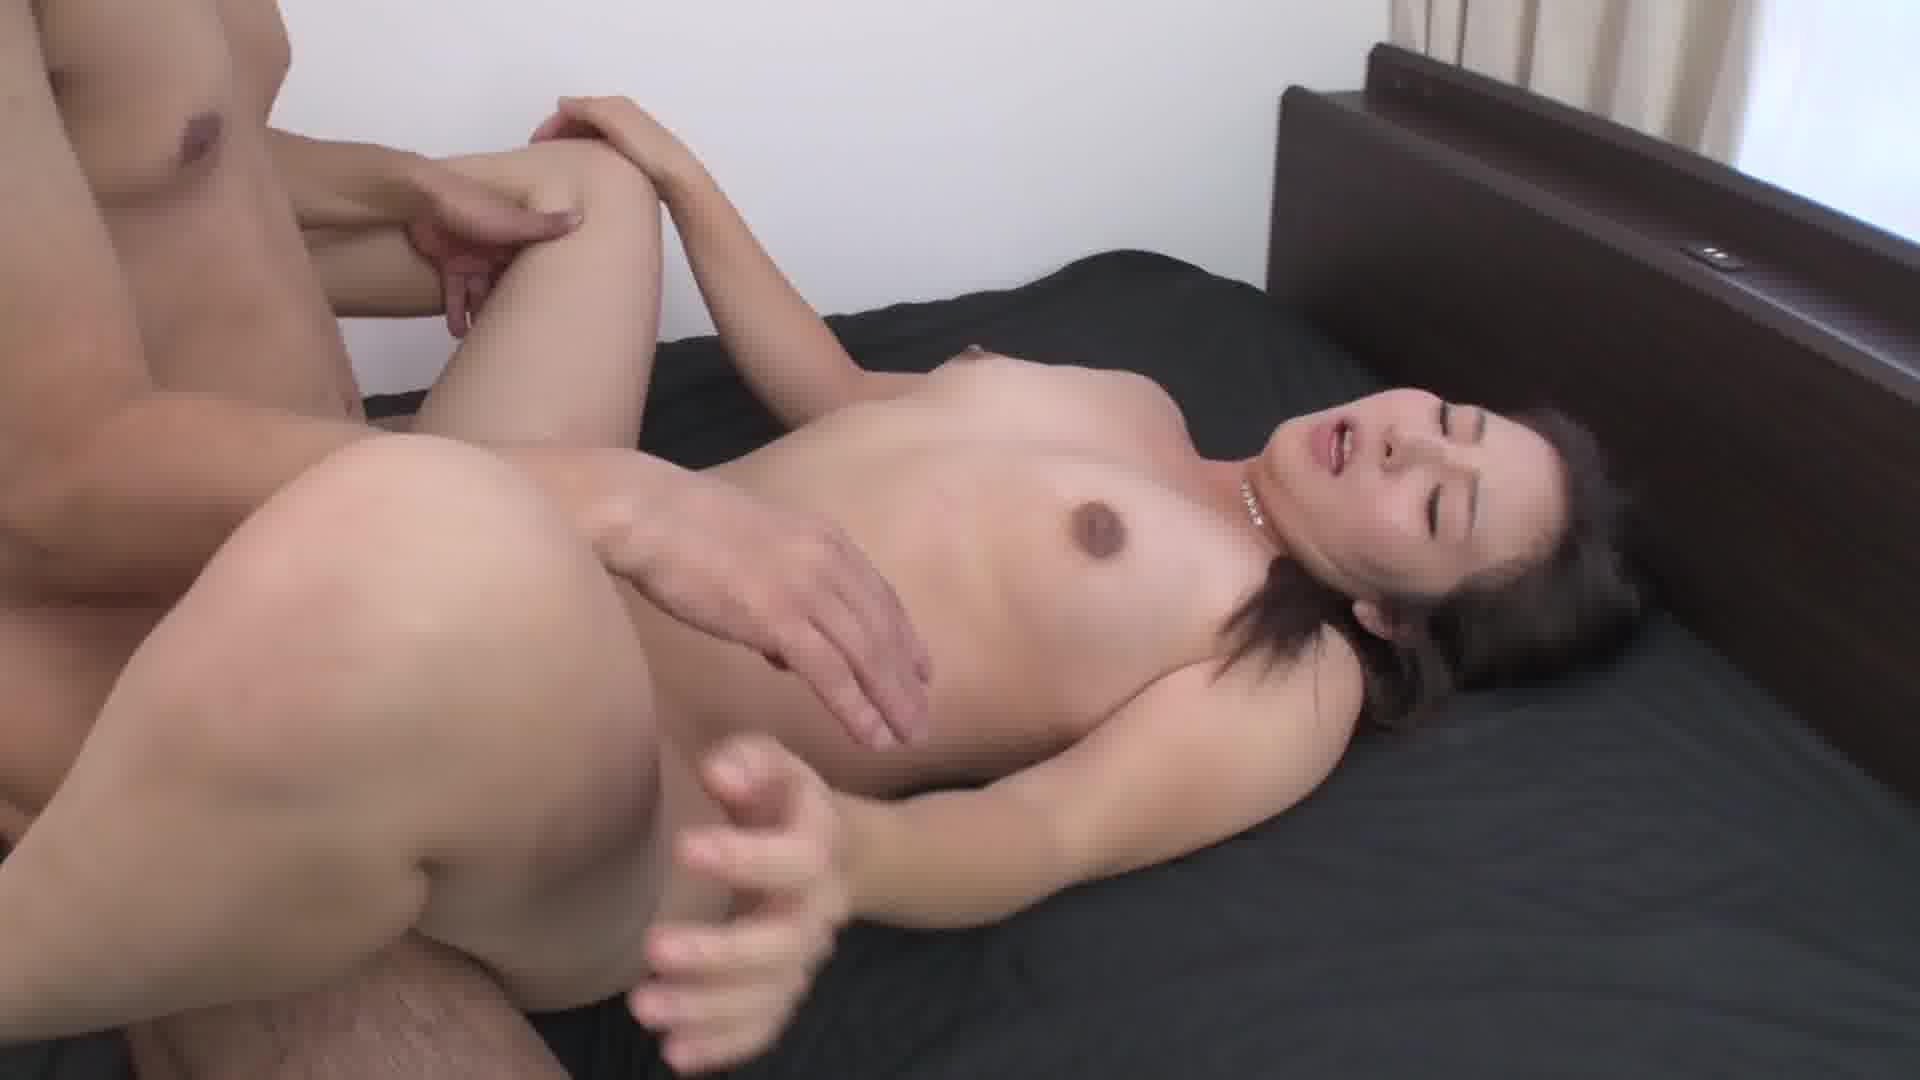 ここが気持ちいいの ~性感帯を探し当てられイキまくり中出しセックス~ - こずえまき【オナニー・潮吹き・中出し】